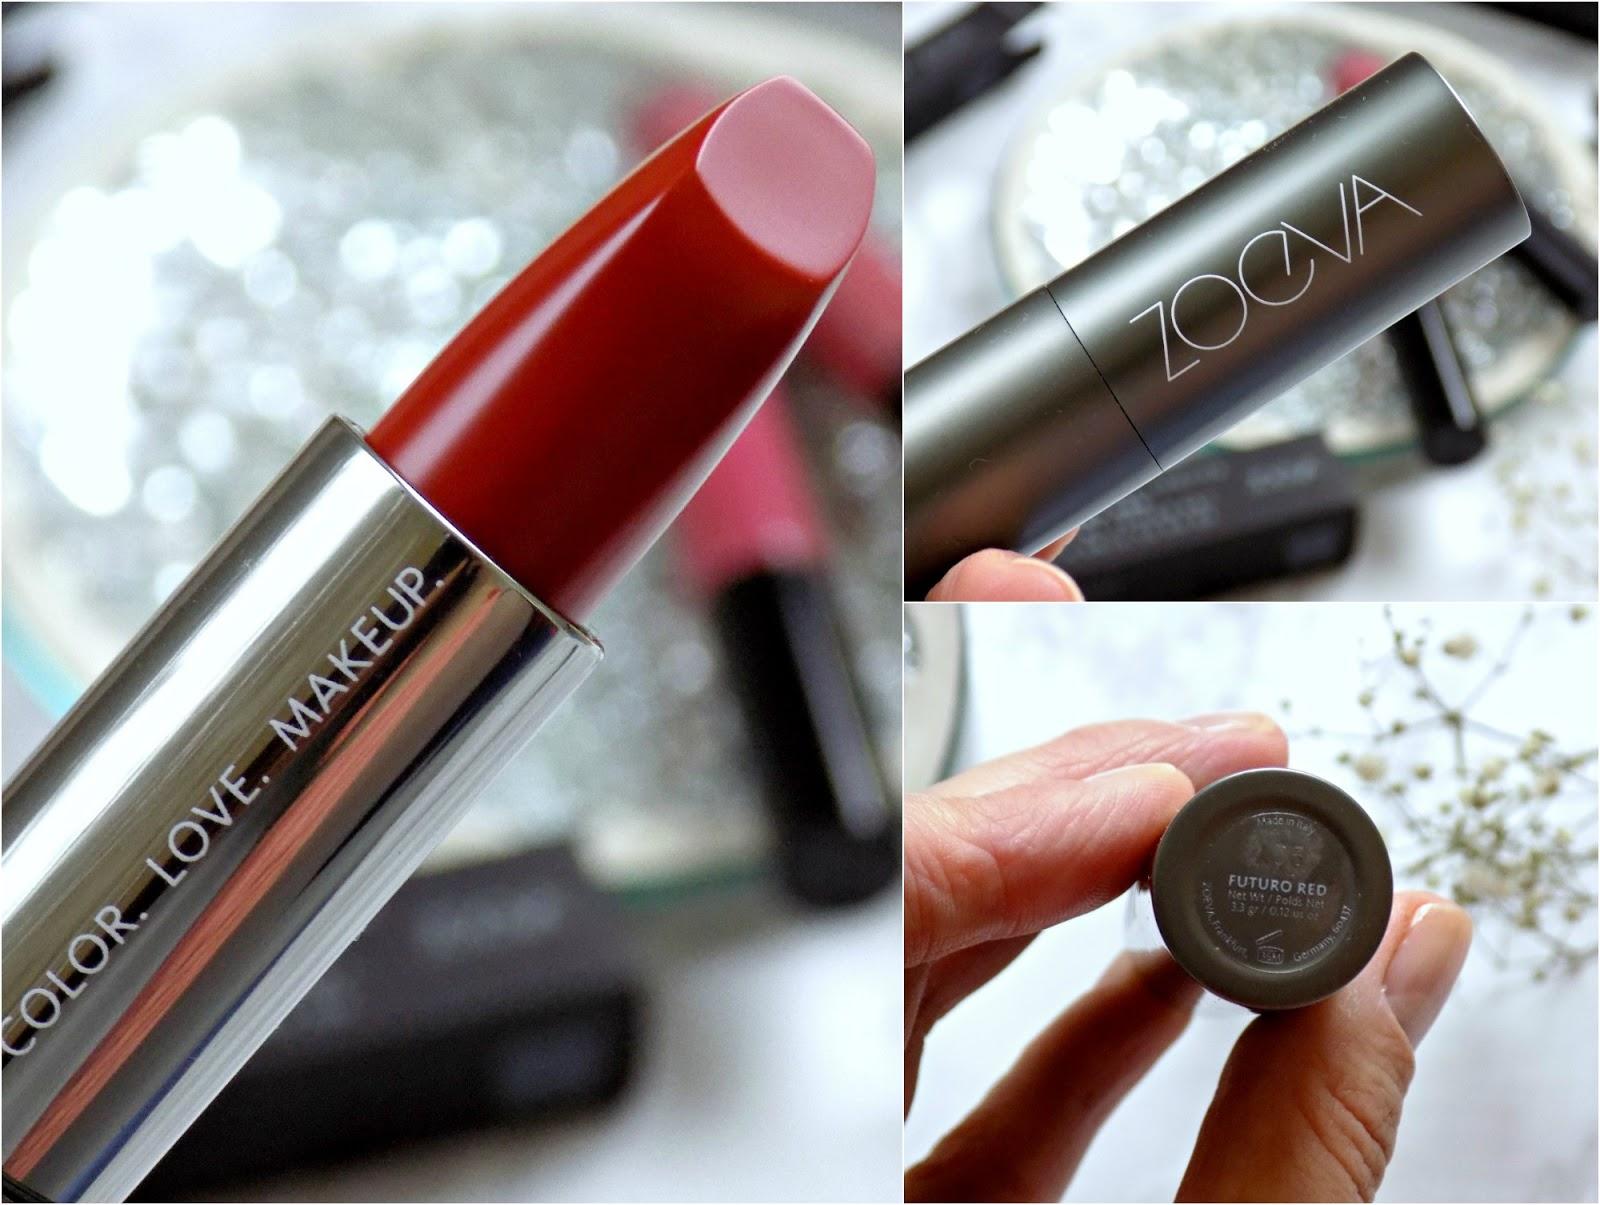 Zoeva Luxe Matte Lipstick in Futuro Red